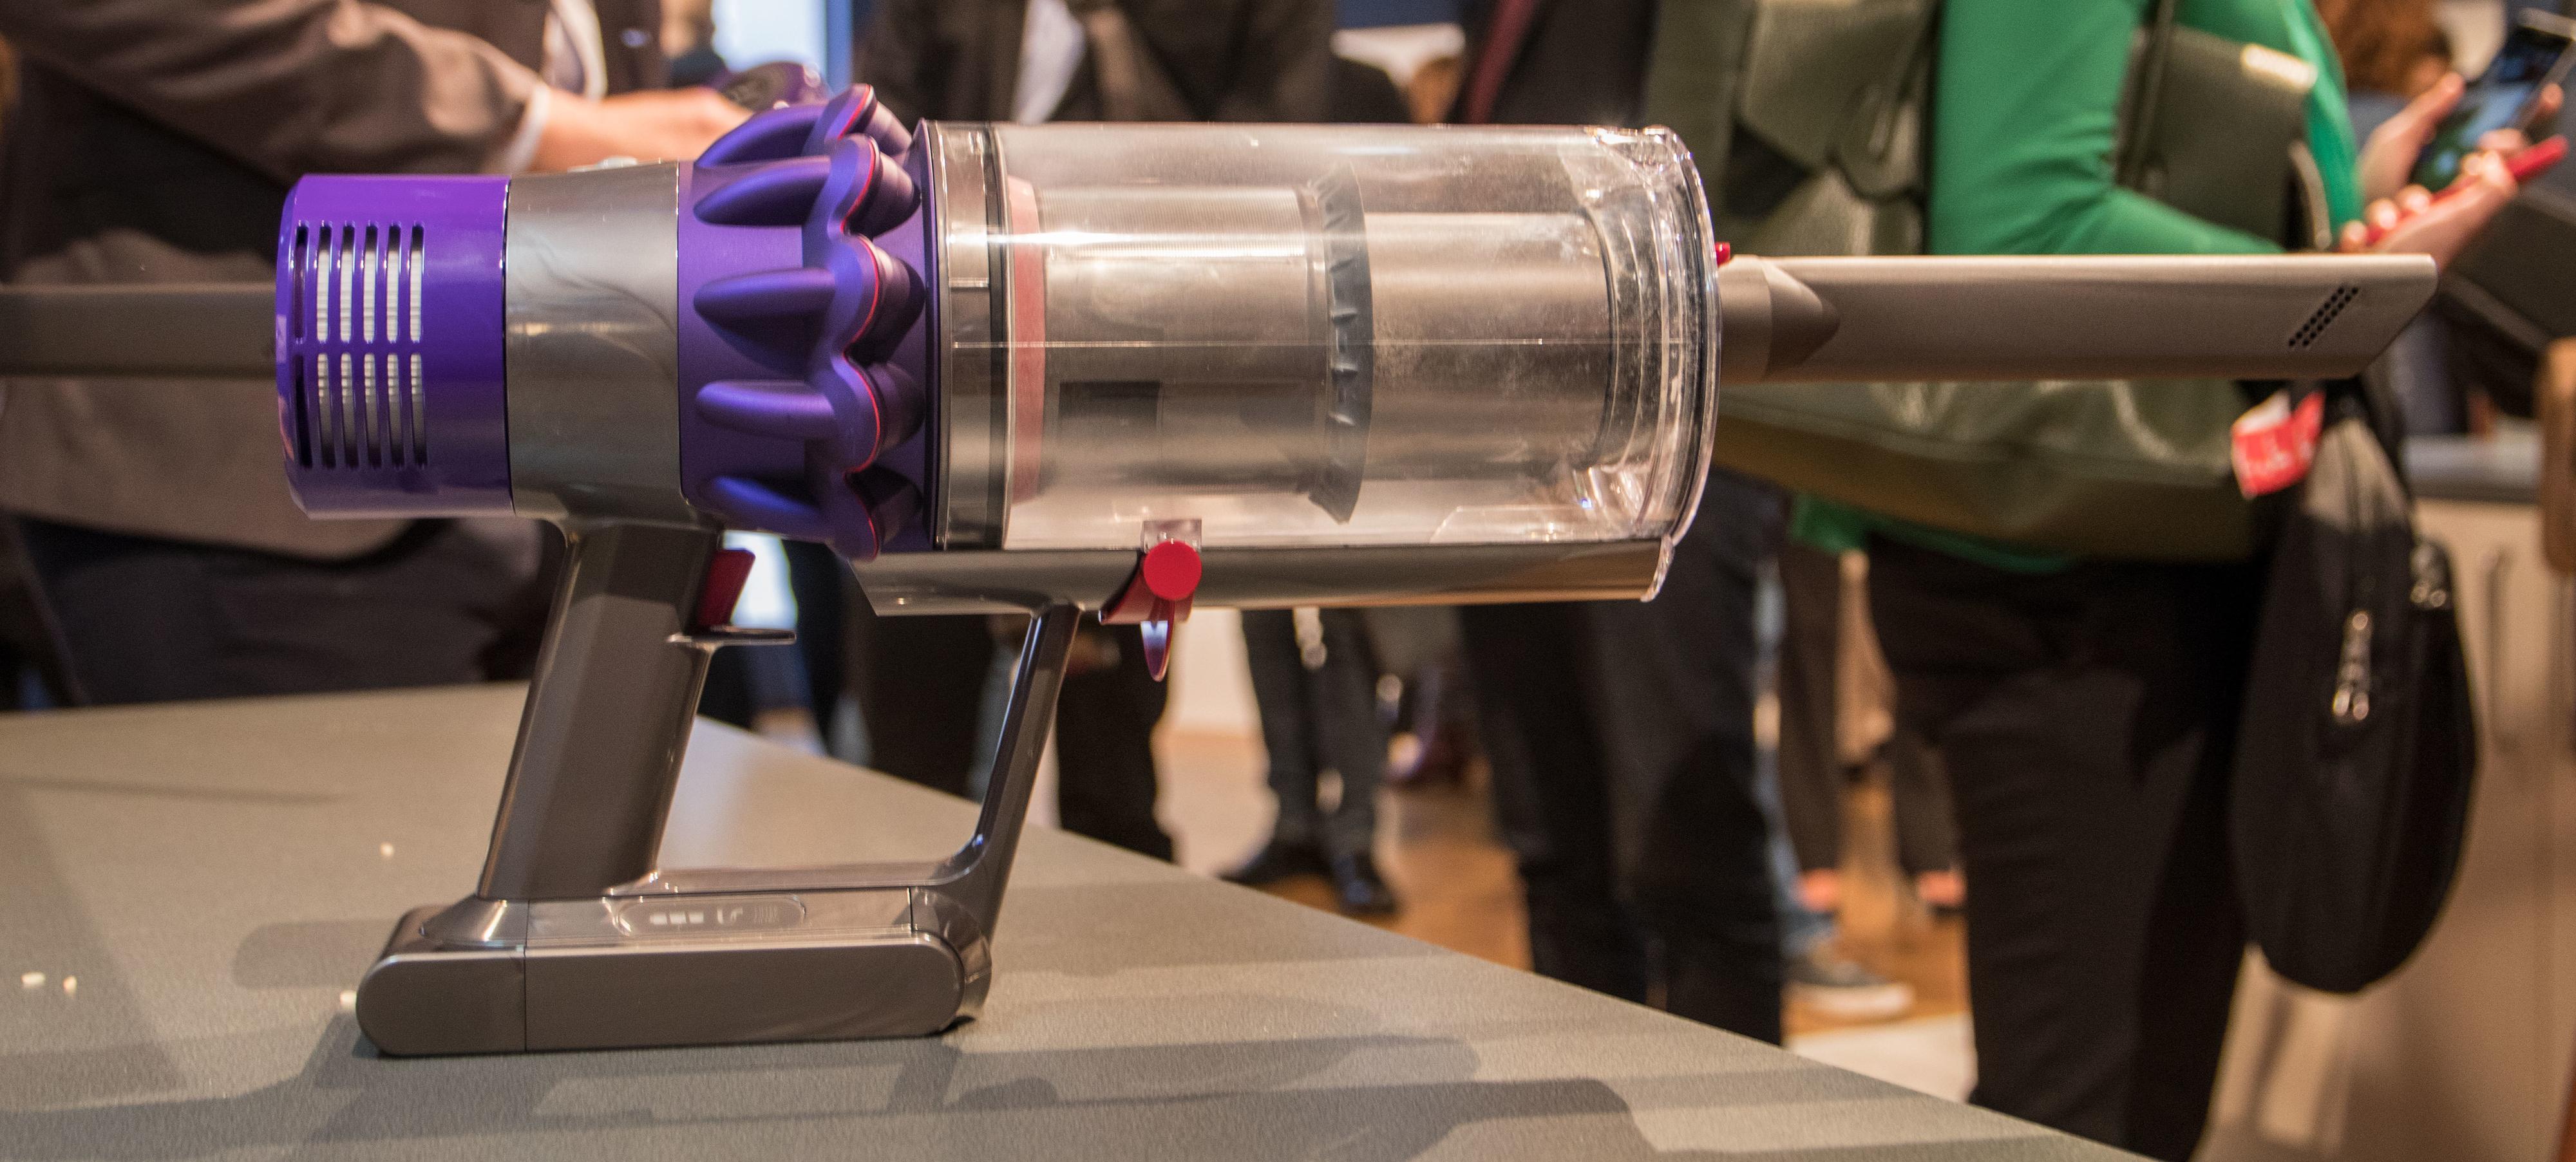 Støvsugeren ser litt mer ut som et futuristisk våpen enn en støvsuger.